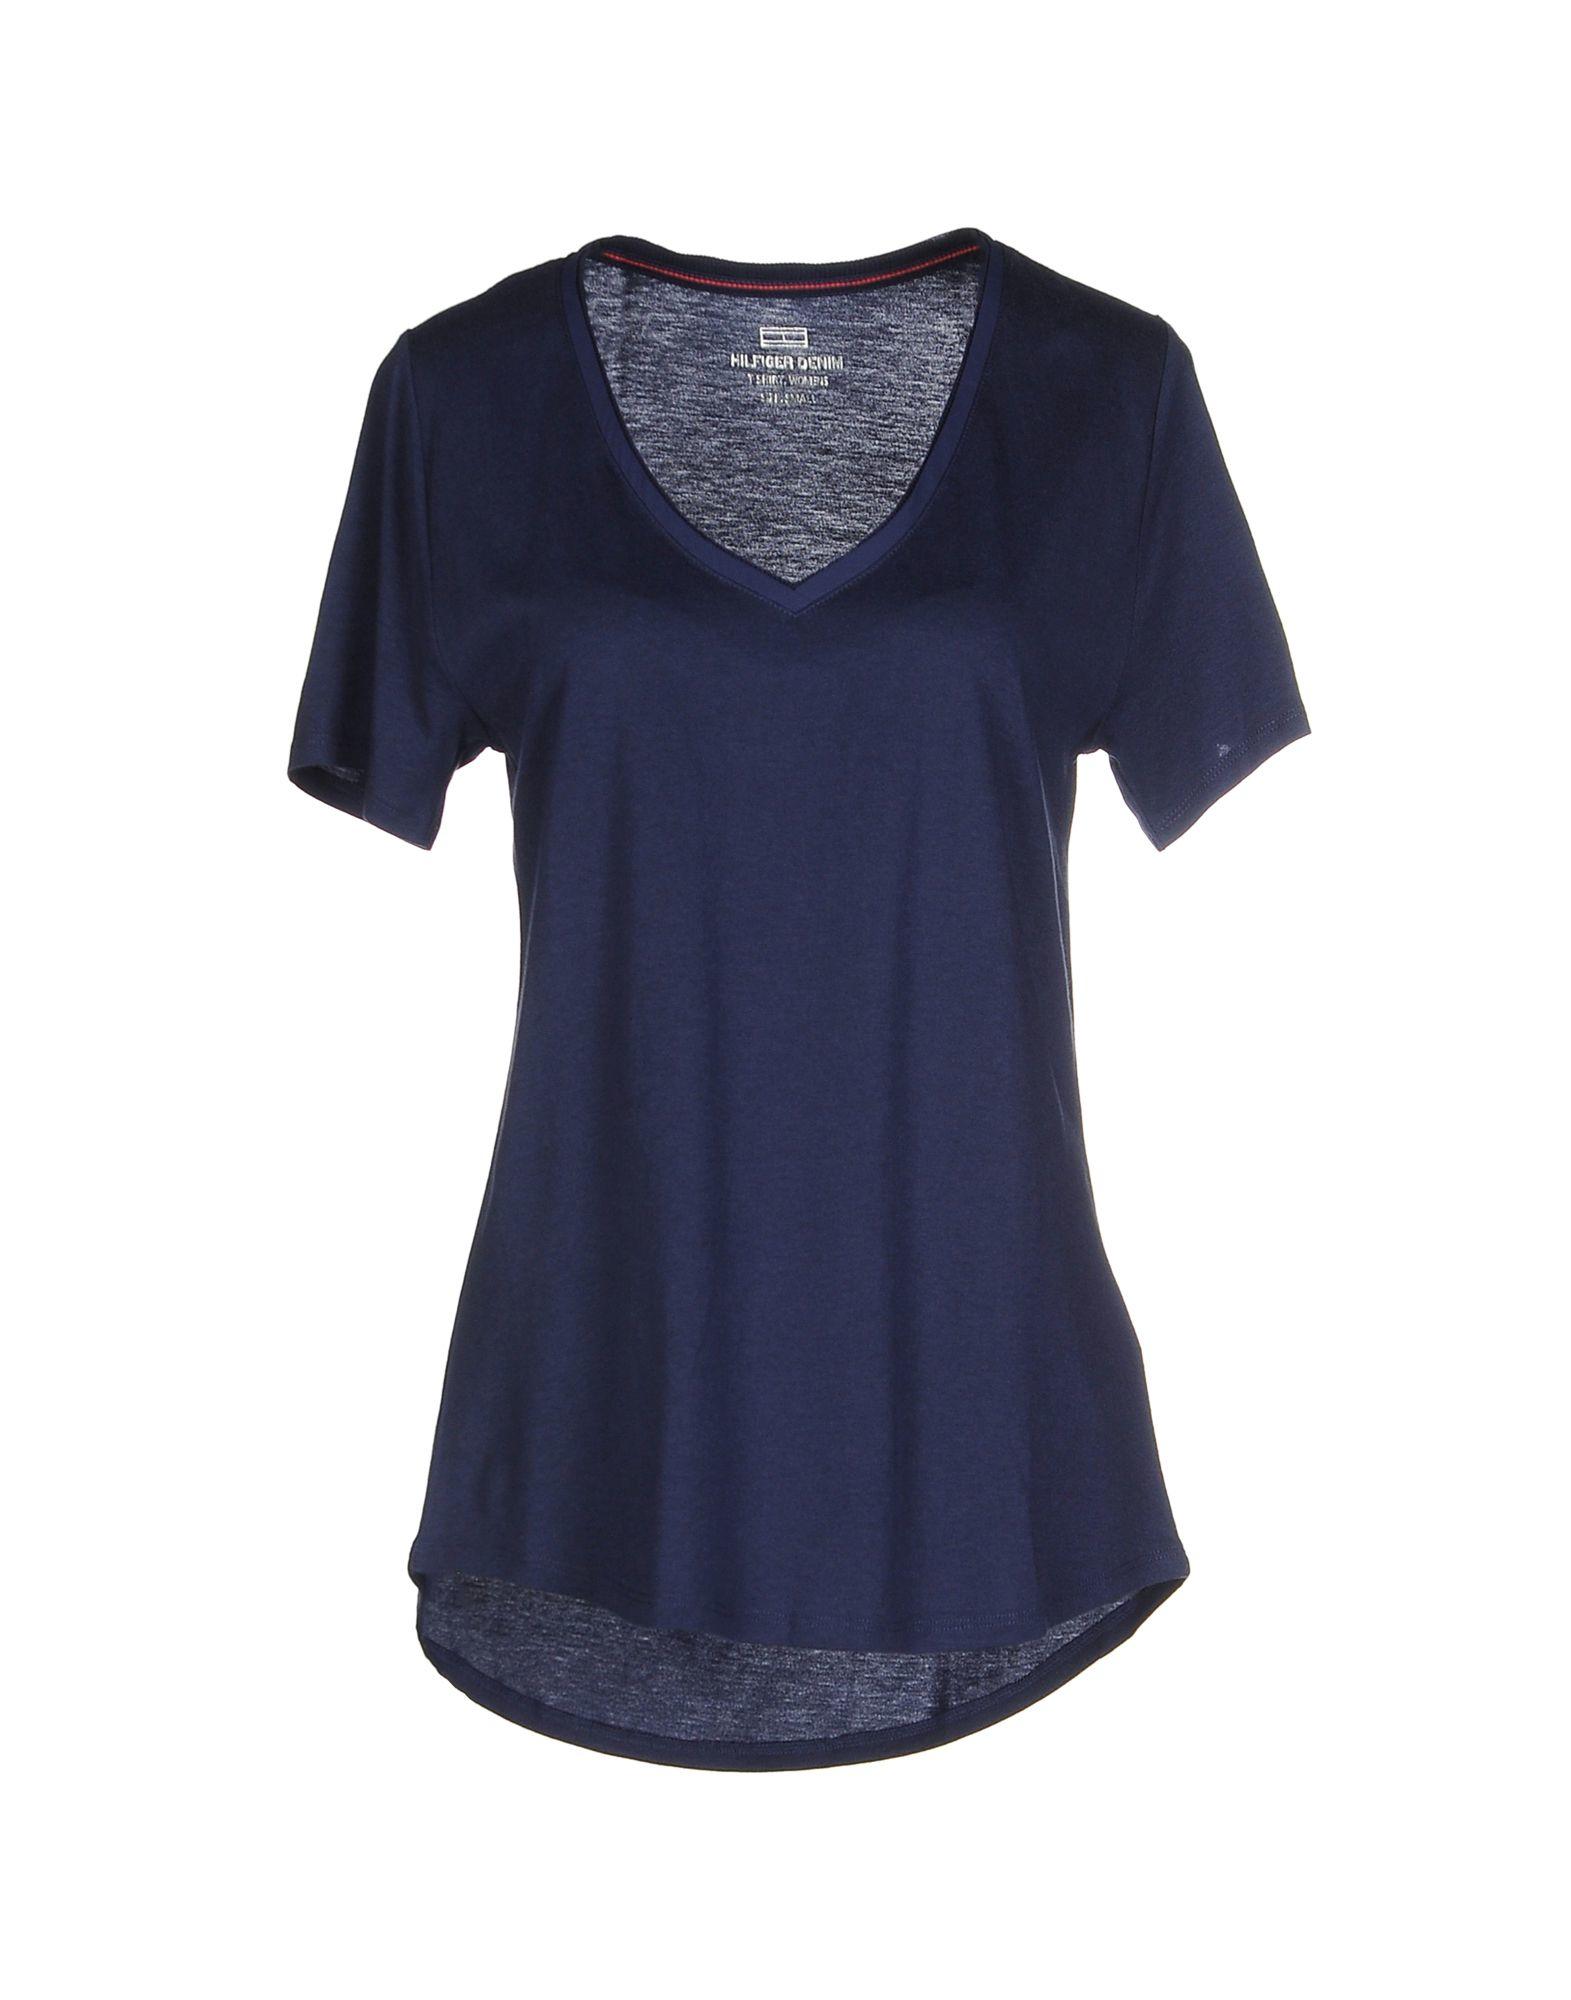 hilfiger denim t shirt in blue lyst. Black Bedroom Furniture Sets. Home Design Ideas